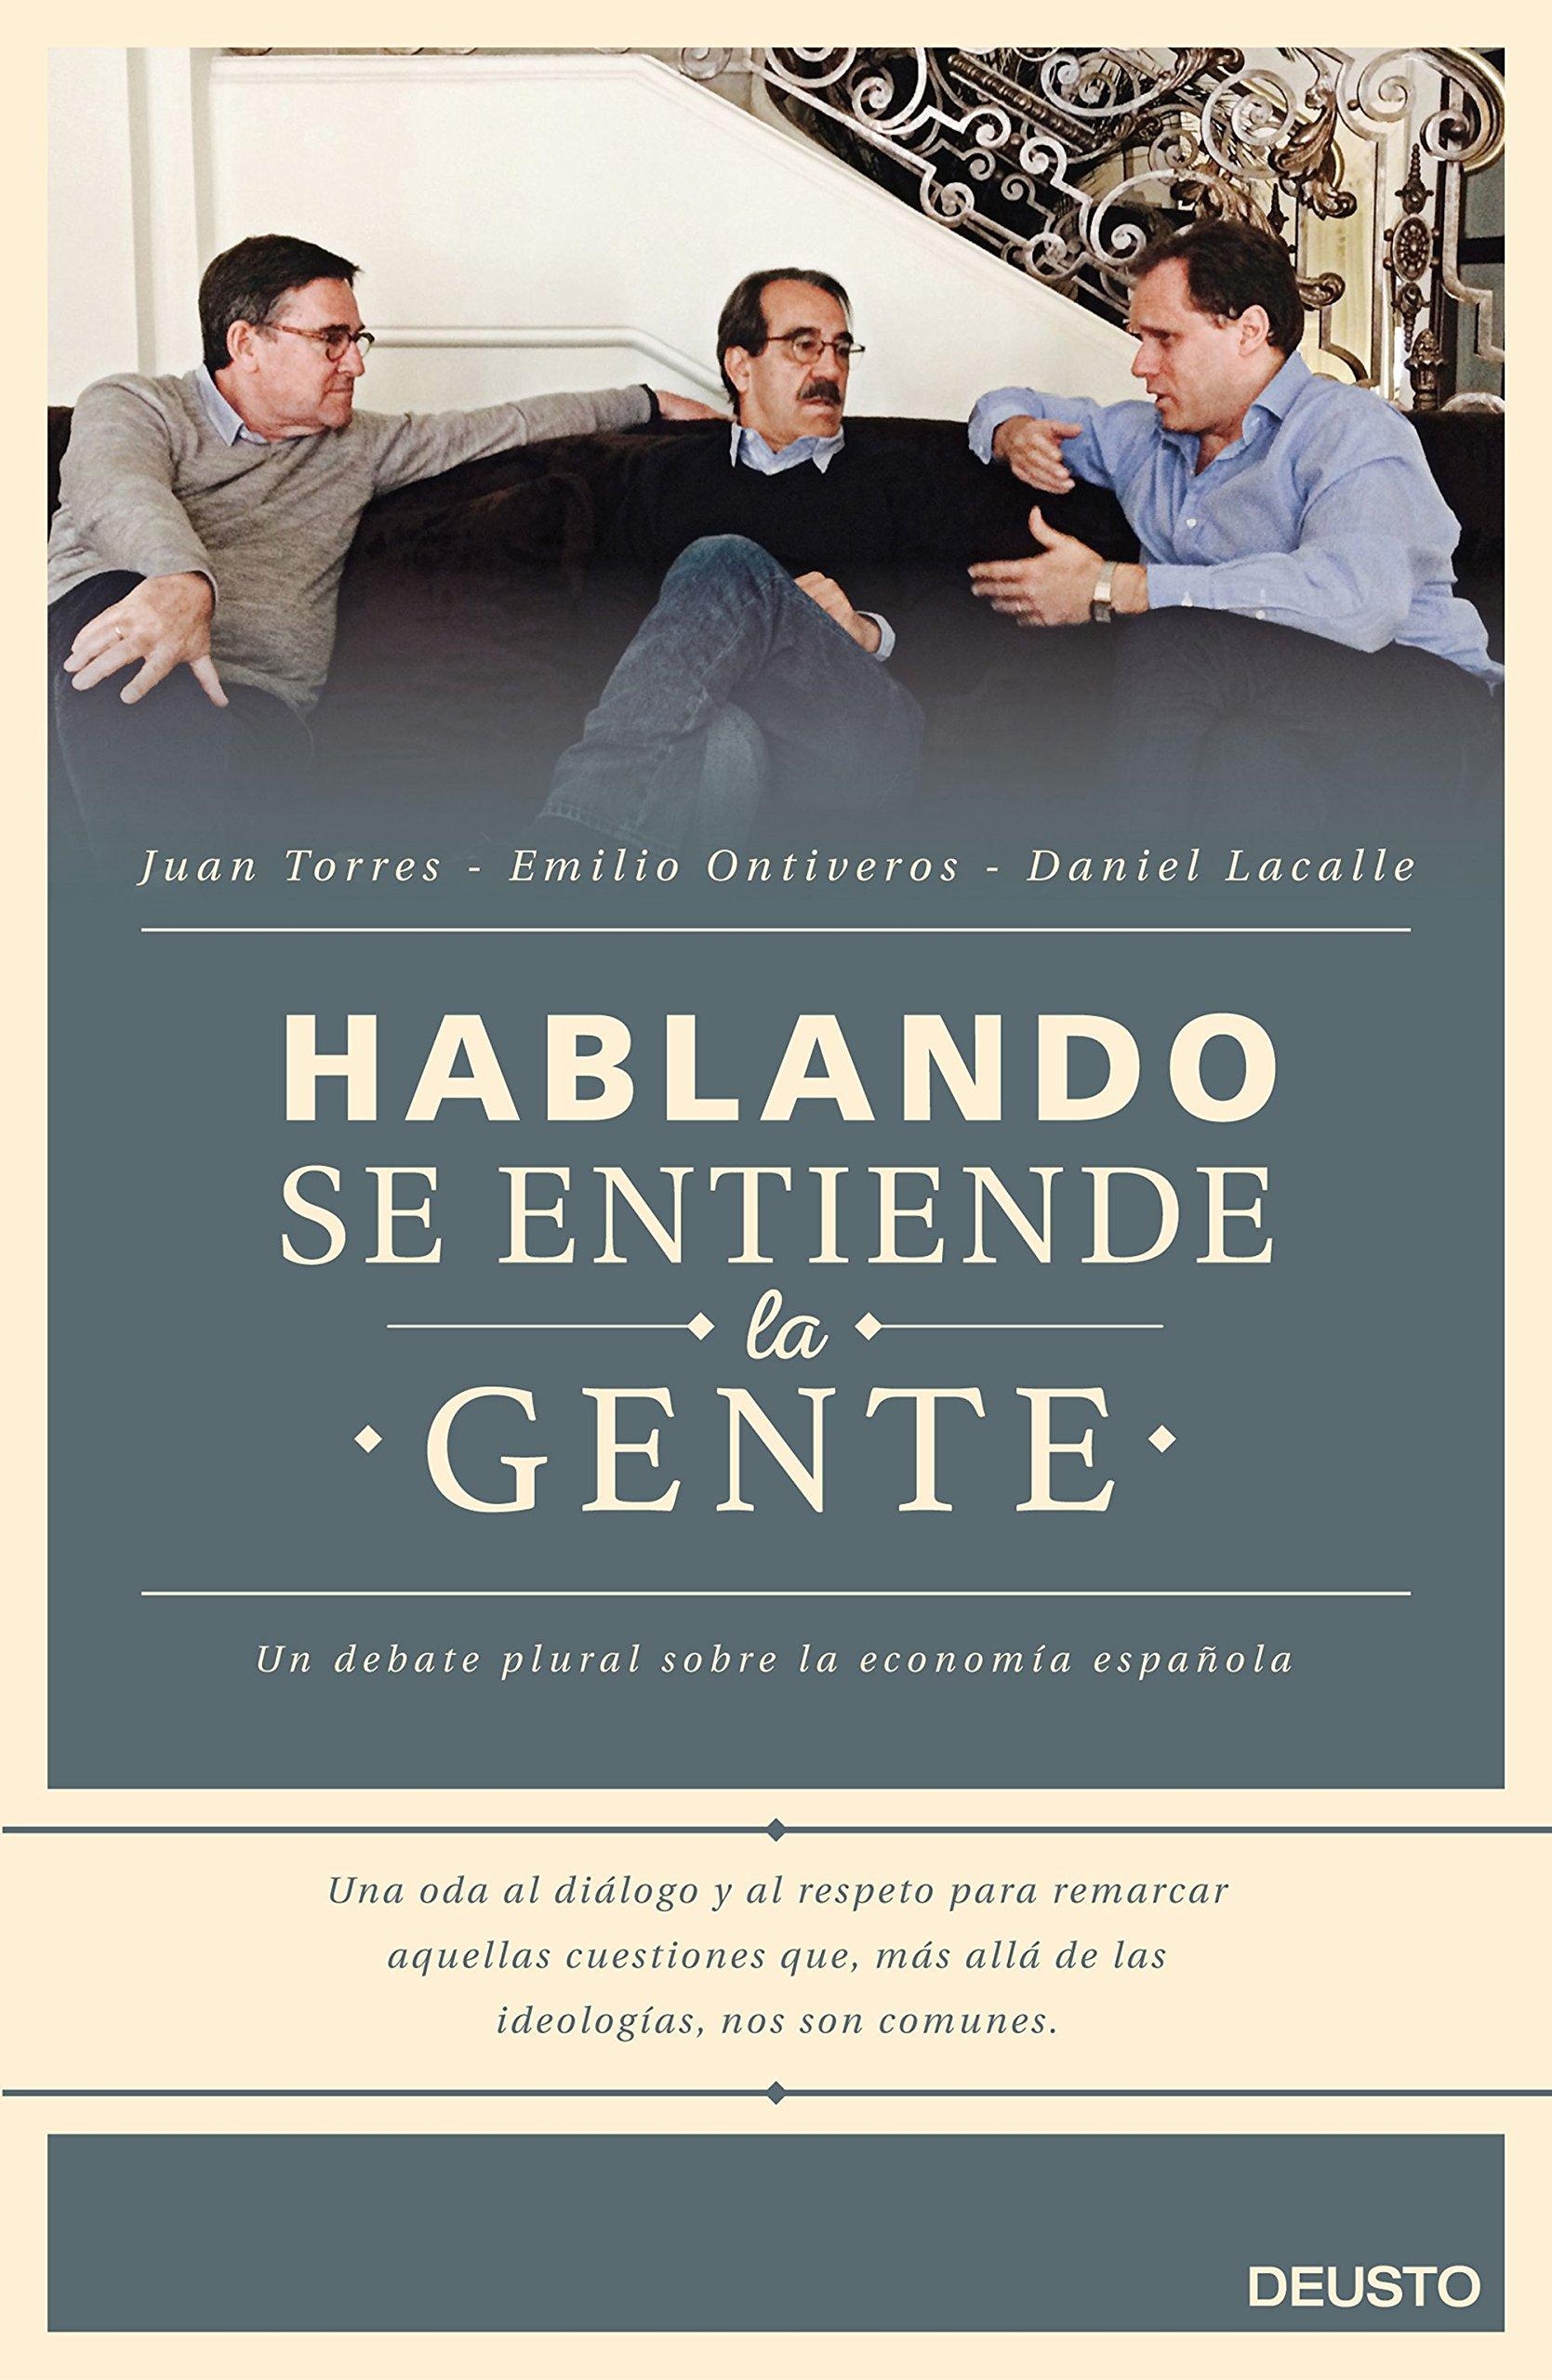 Hablando se entiende la gente: Un debate plural sobre la economía española Sin colección: Amazon.es: Daniel Lacalle, Emilio Ontiveros Baeza, ...